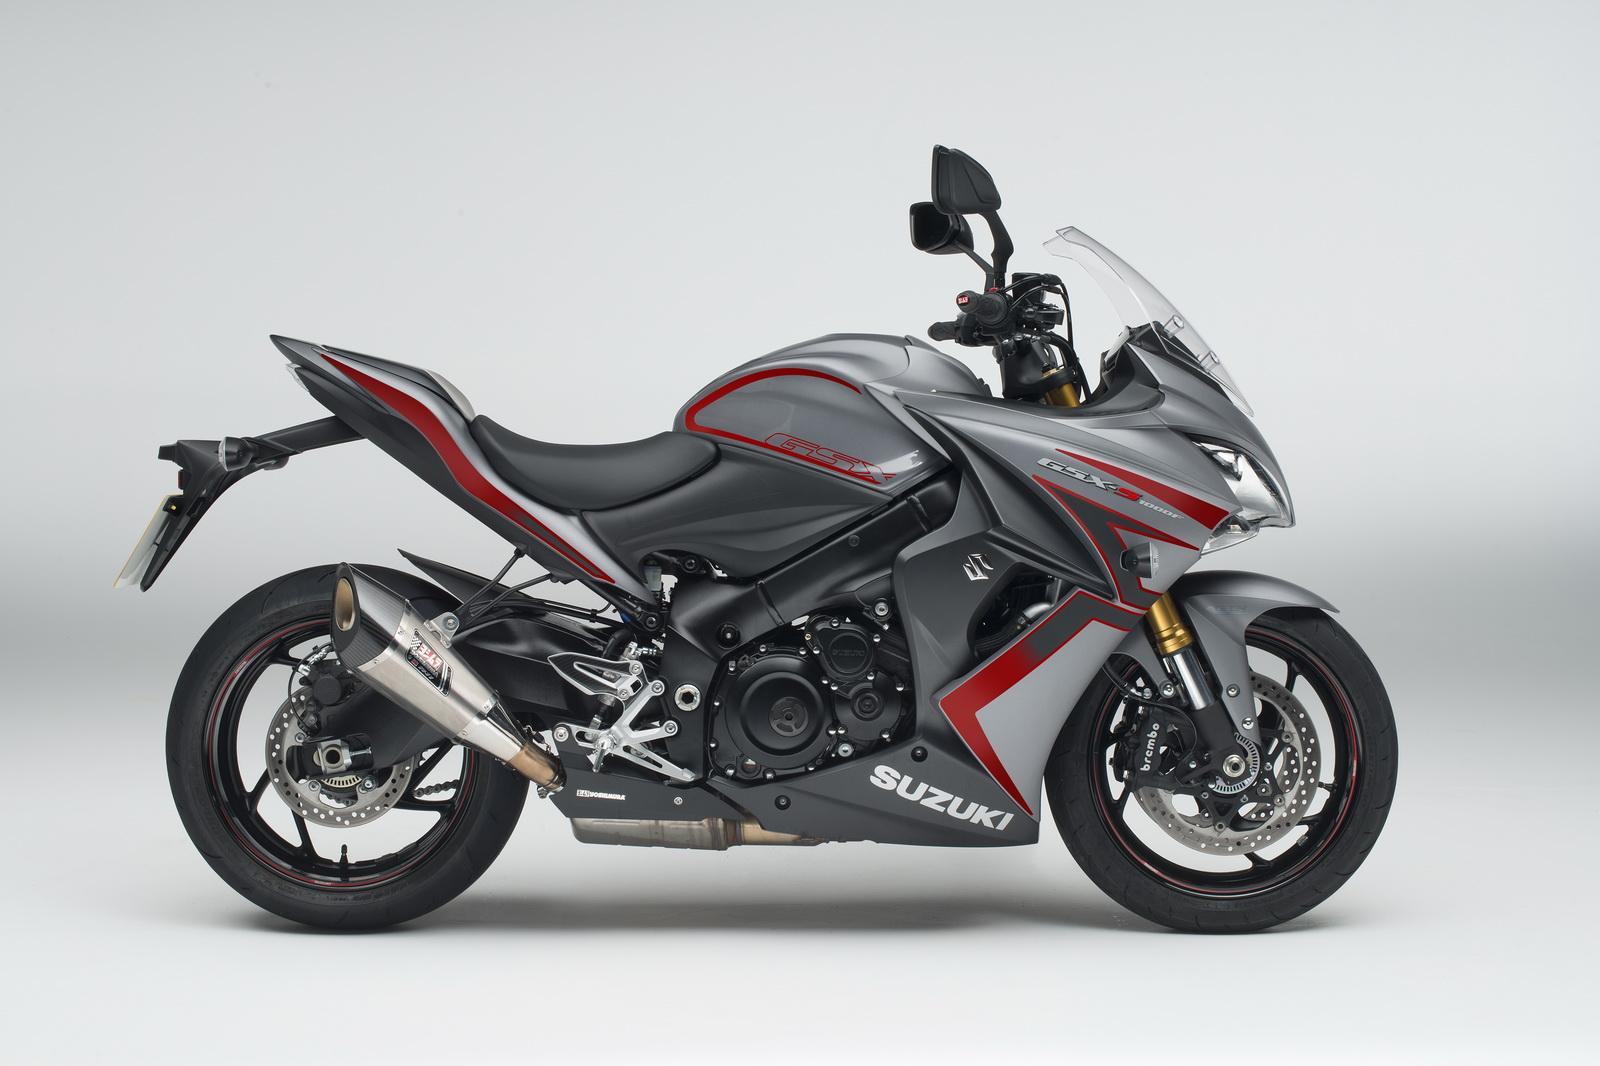 Suzuki công bố phiên bản Yoshimura GSX-S1000 đặc biệt